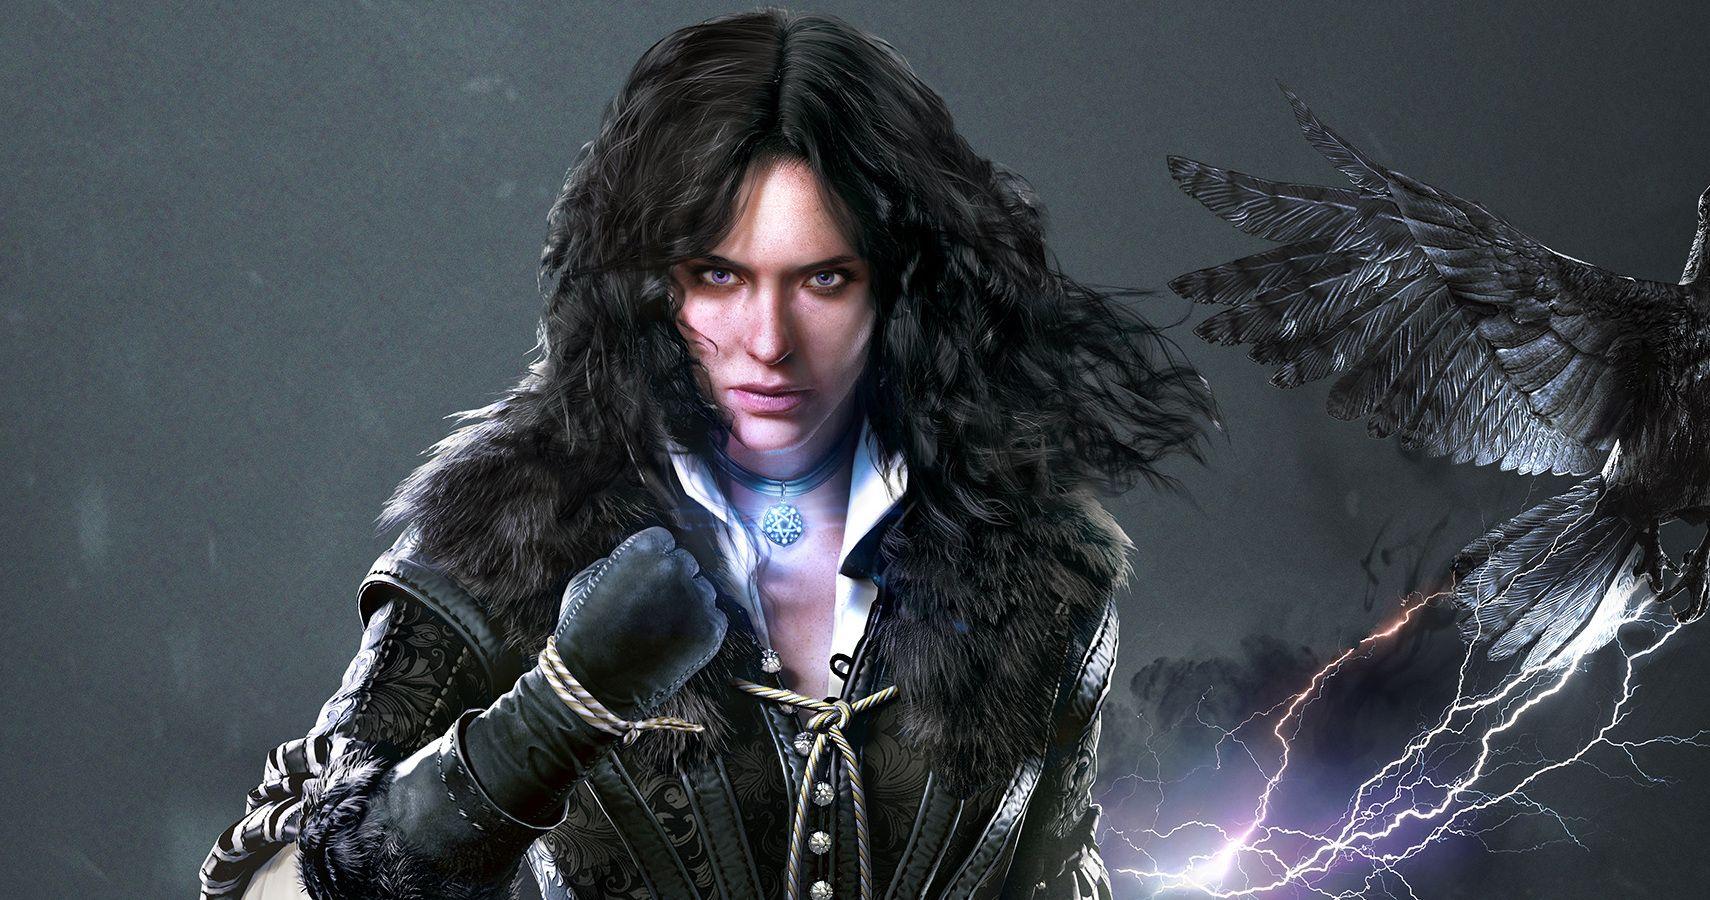 Witcher Yennefer